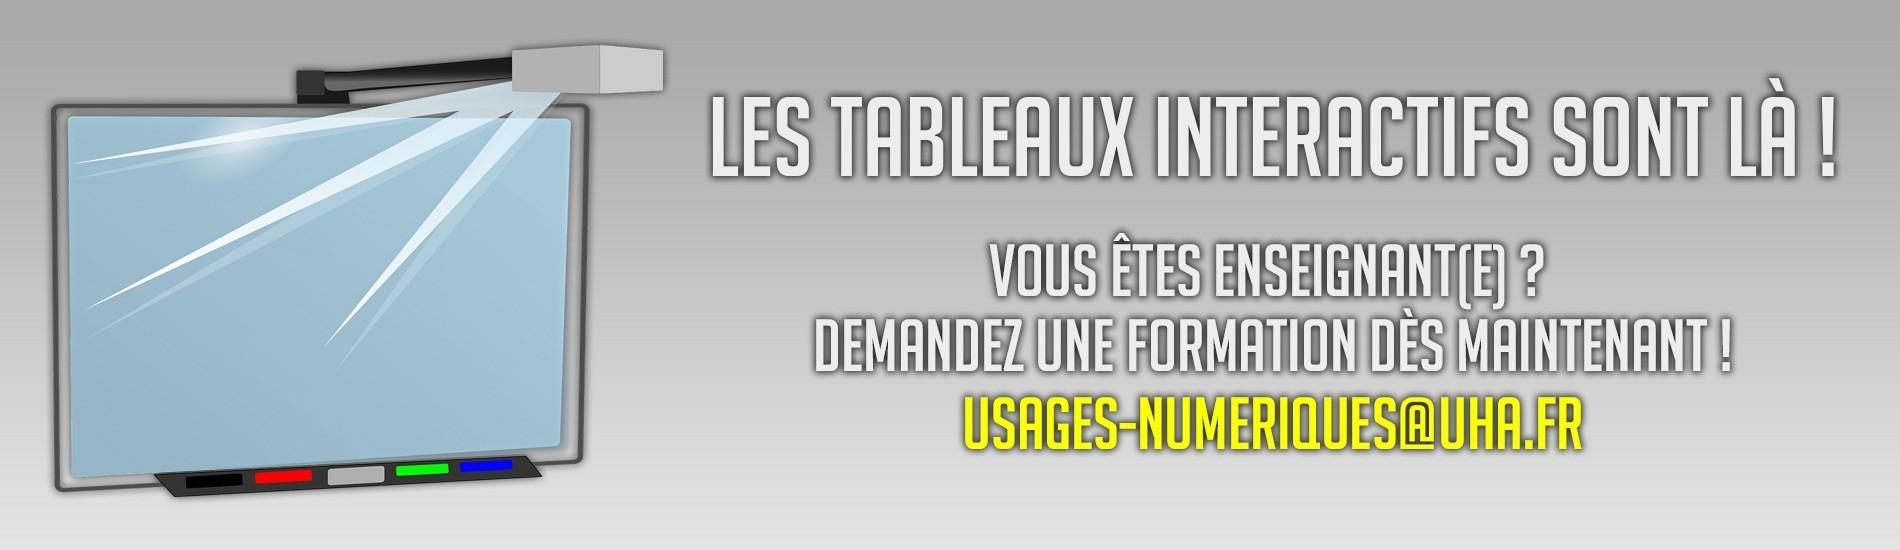 Tableaux Interactifs